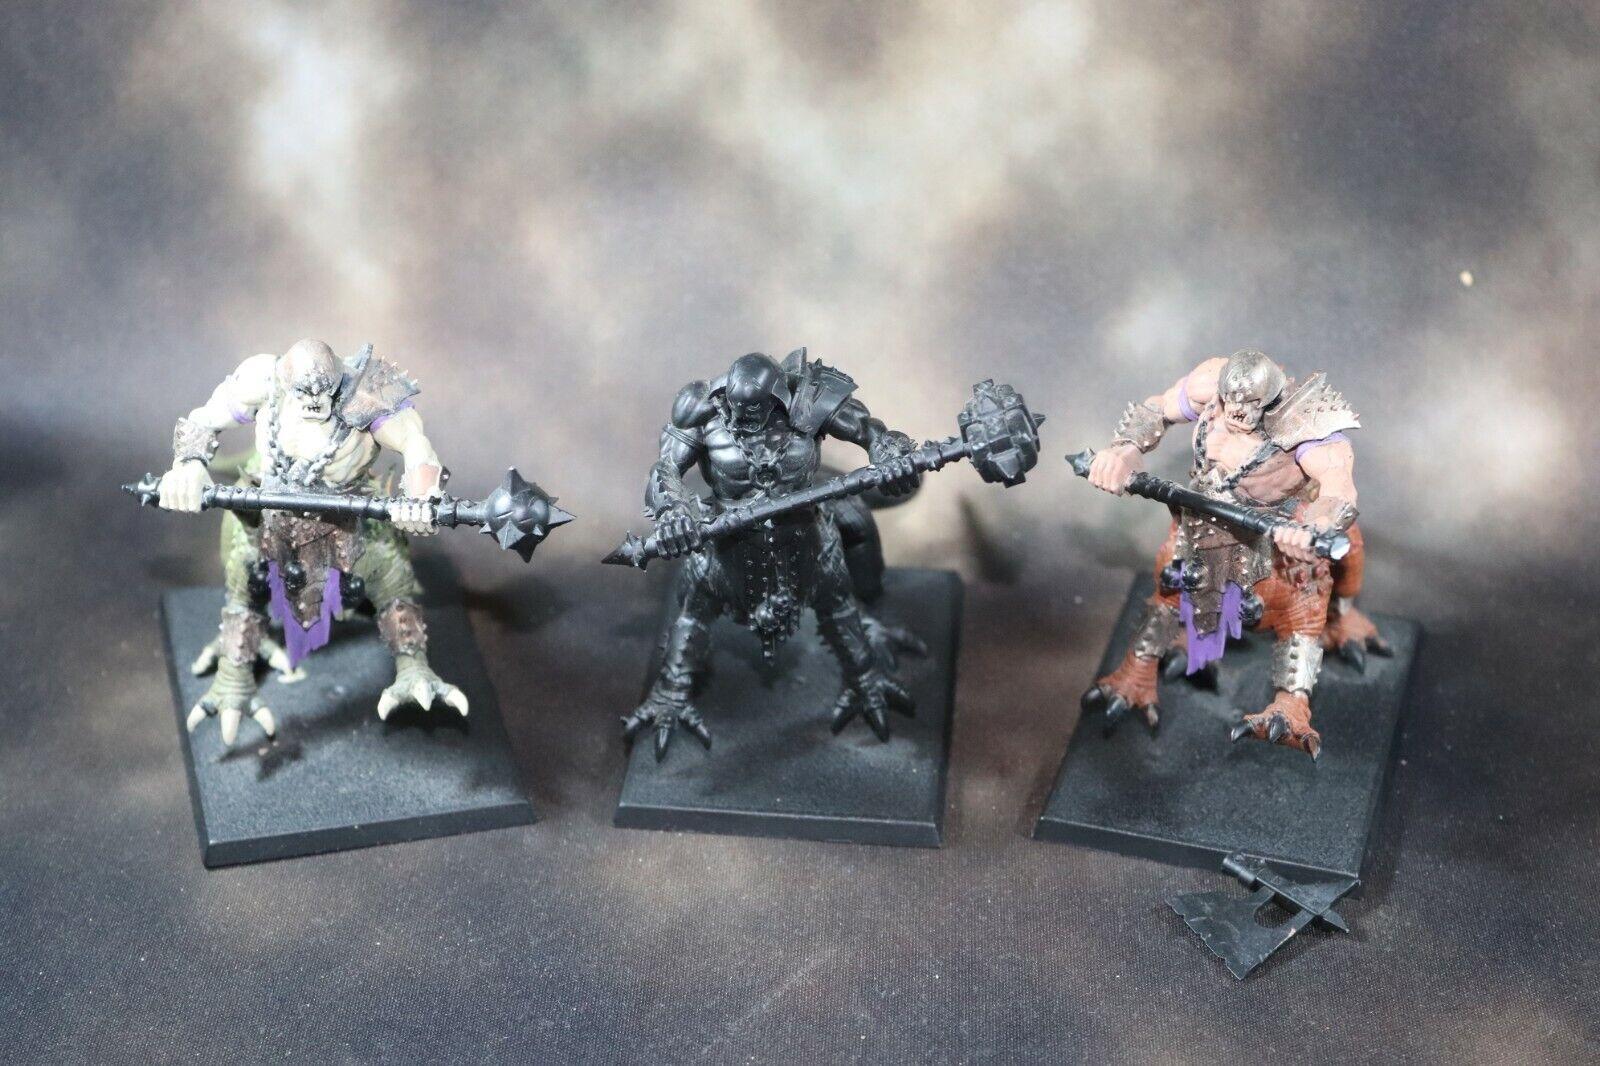 Warhammer AOS Fantasy Destruction Ogors Dragon Ogres